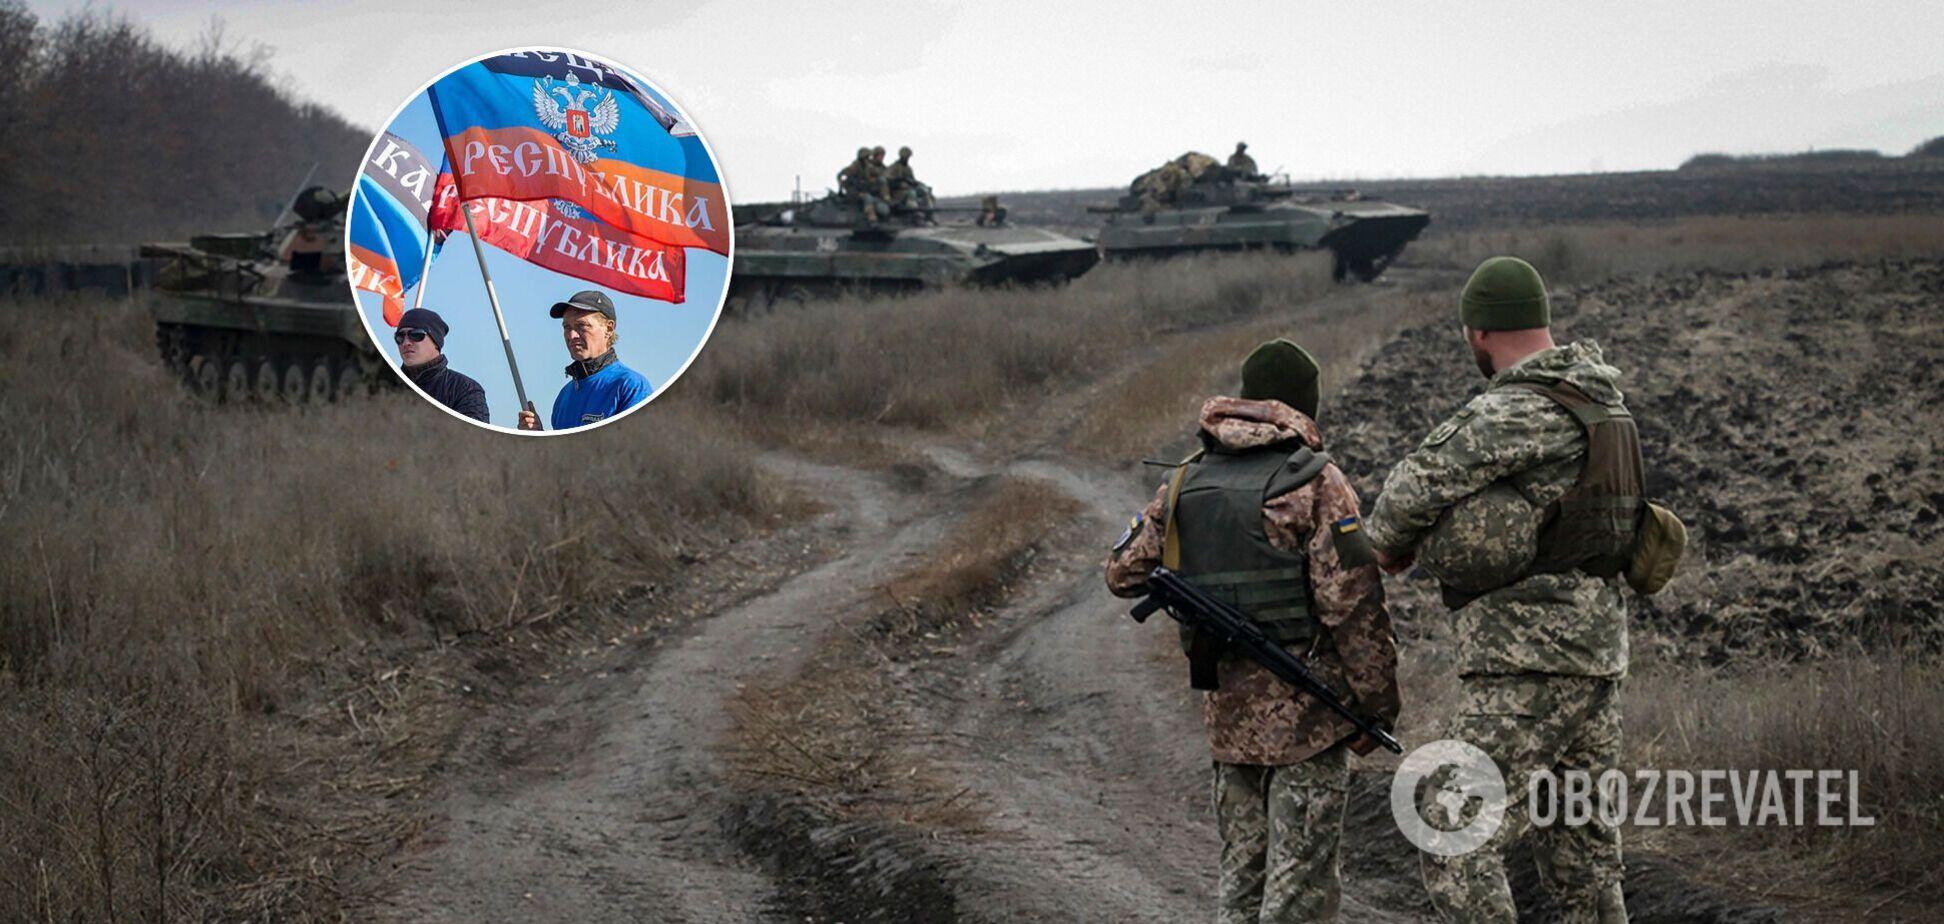 Террористы 'Л/ДНР' могут готовиться к наступлению на украинские позиции